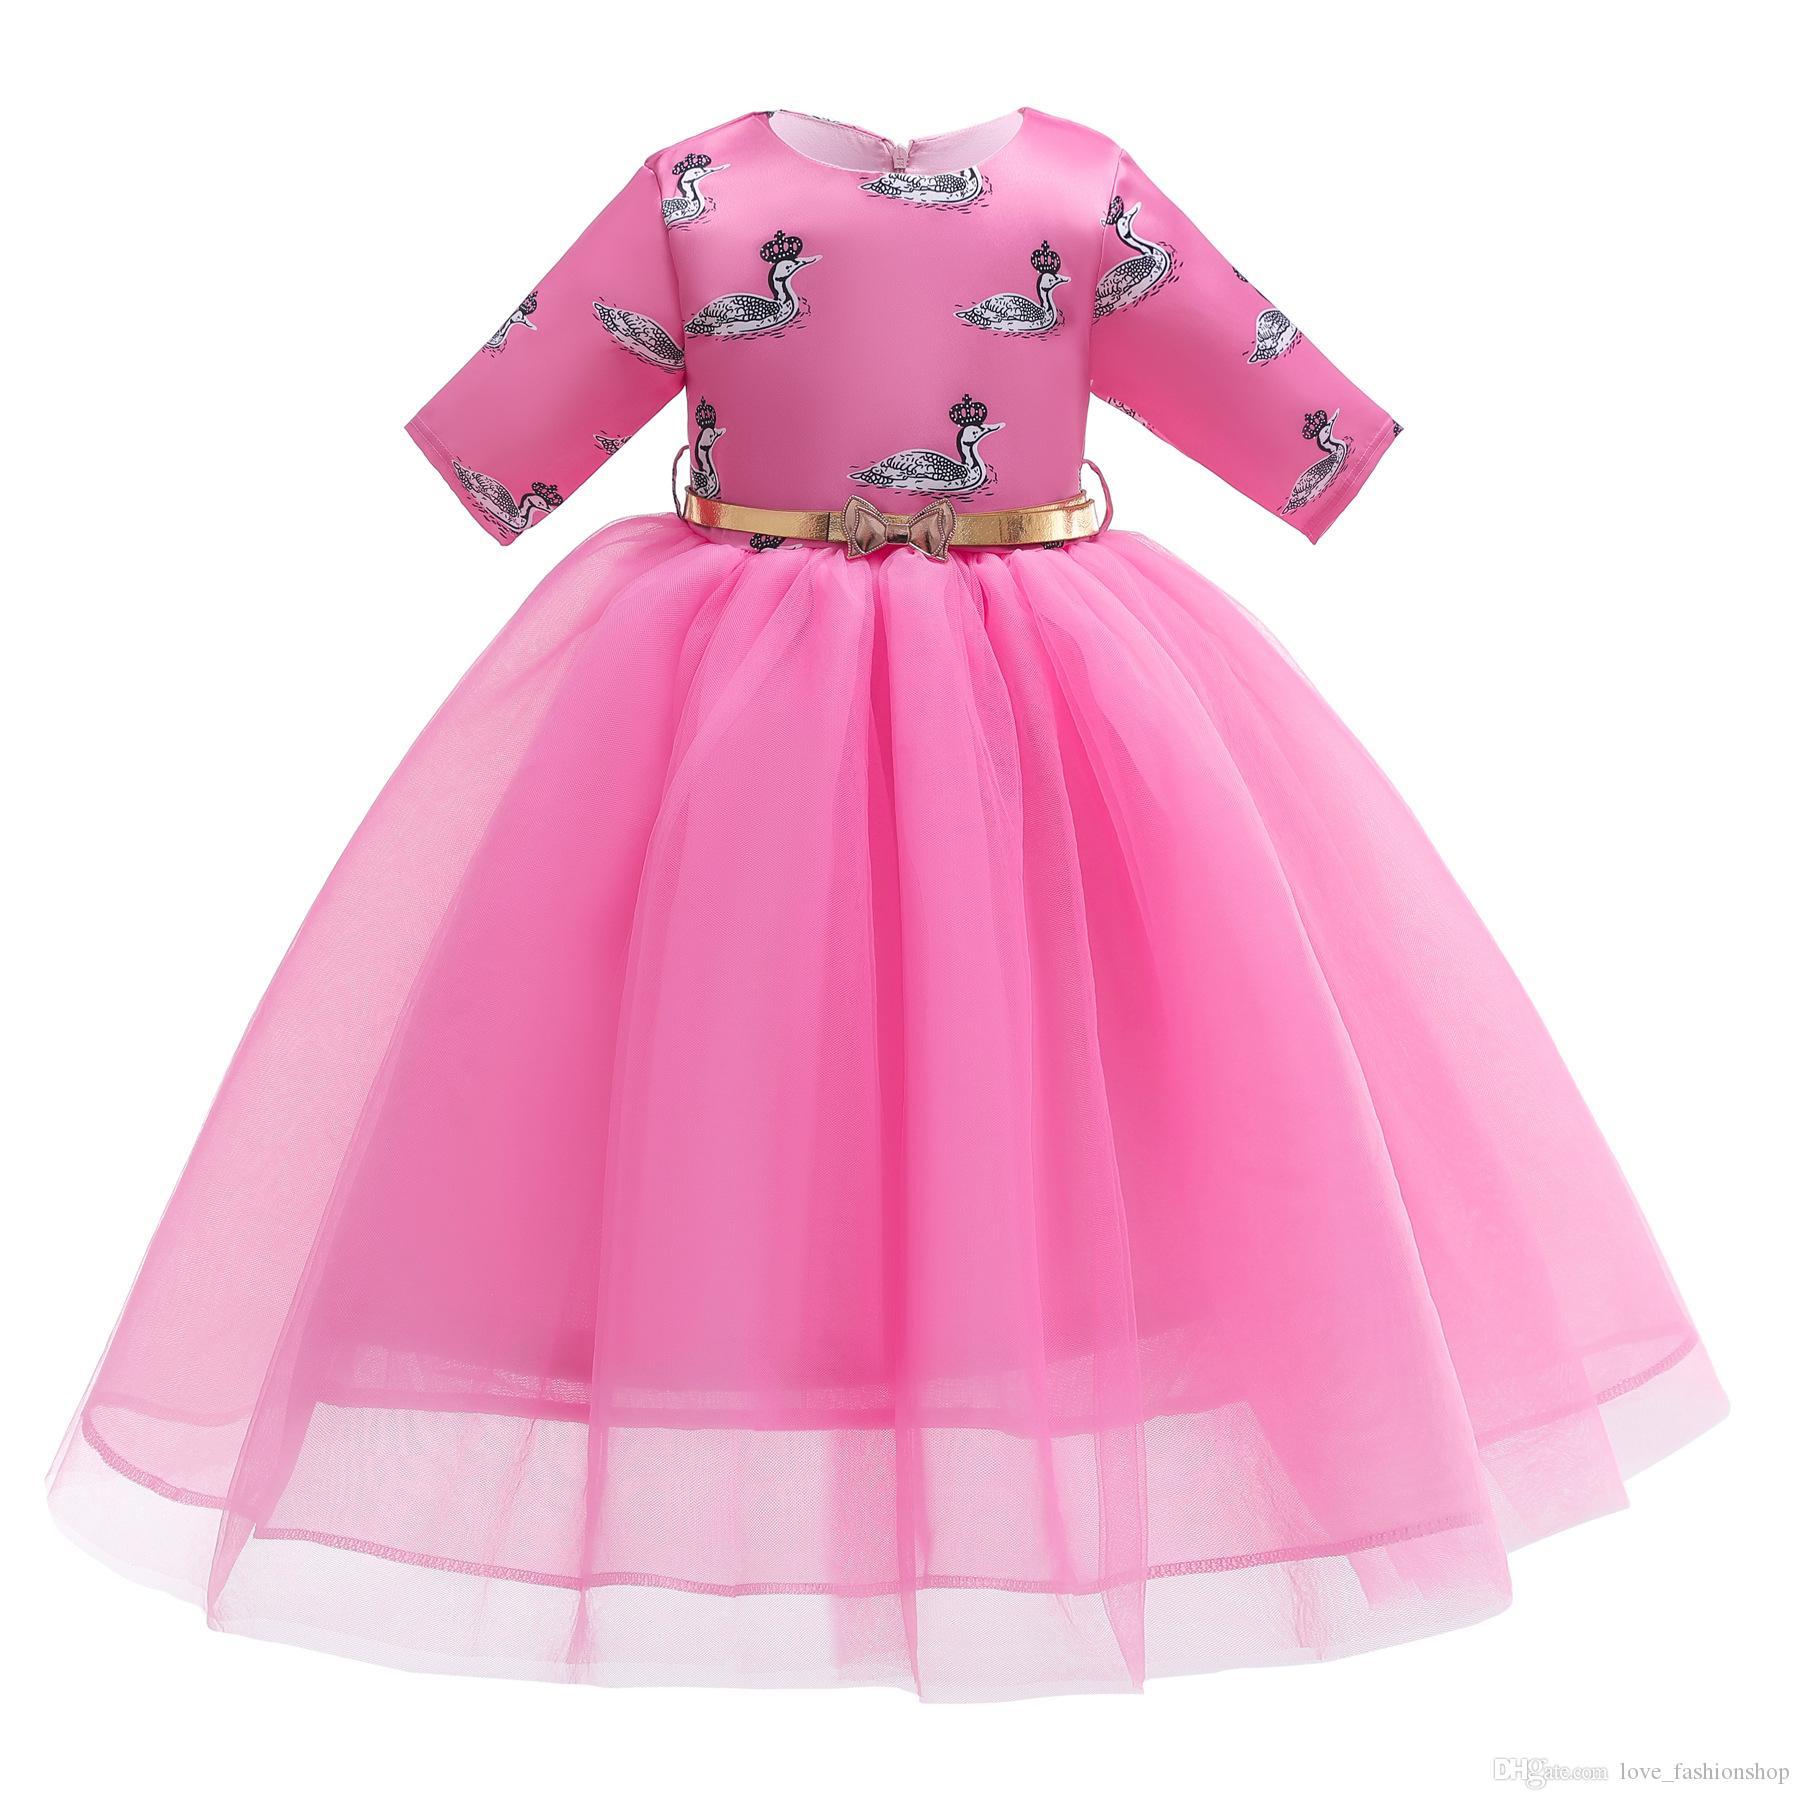 Venta al por menor de los niños vestido de diseñador niñas cisne musulmán impreso malla princesa vestido de fiesta de los niños de la boda formal vestidos de baile boutique de ropa